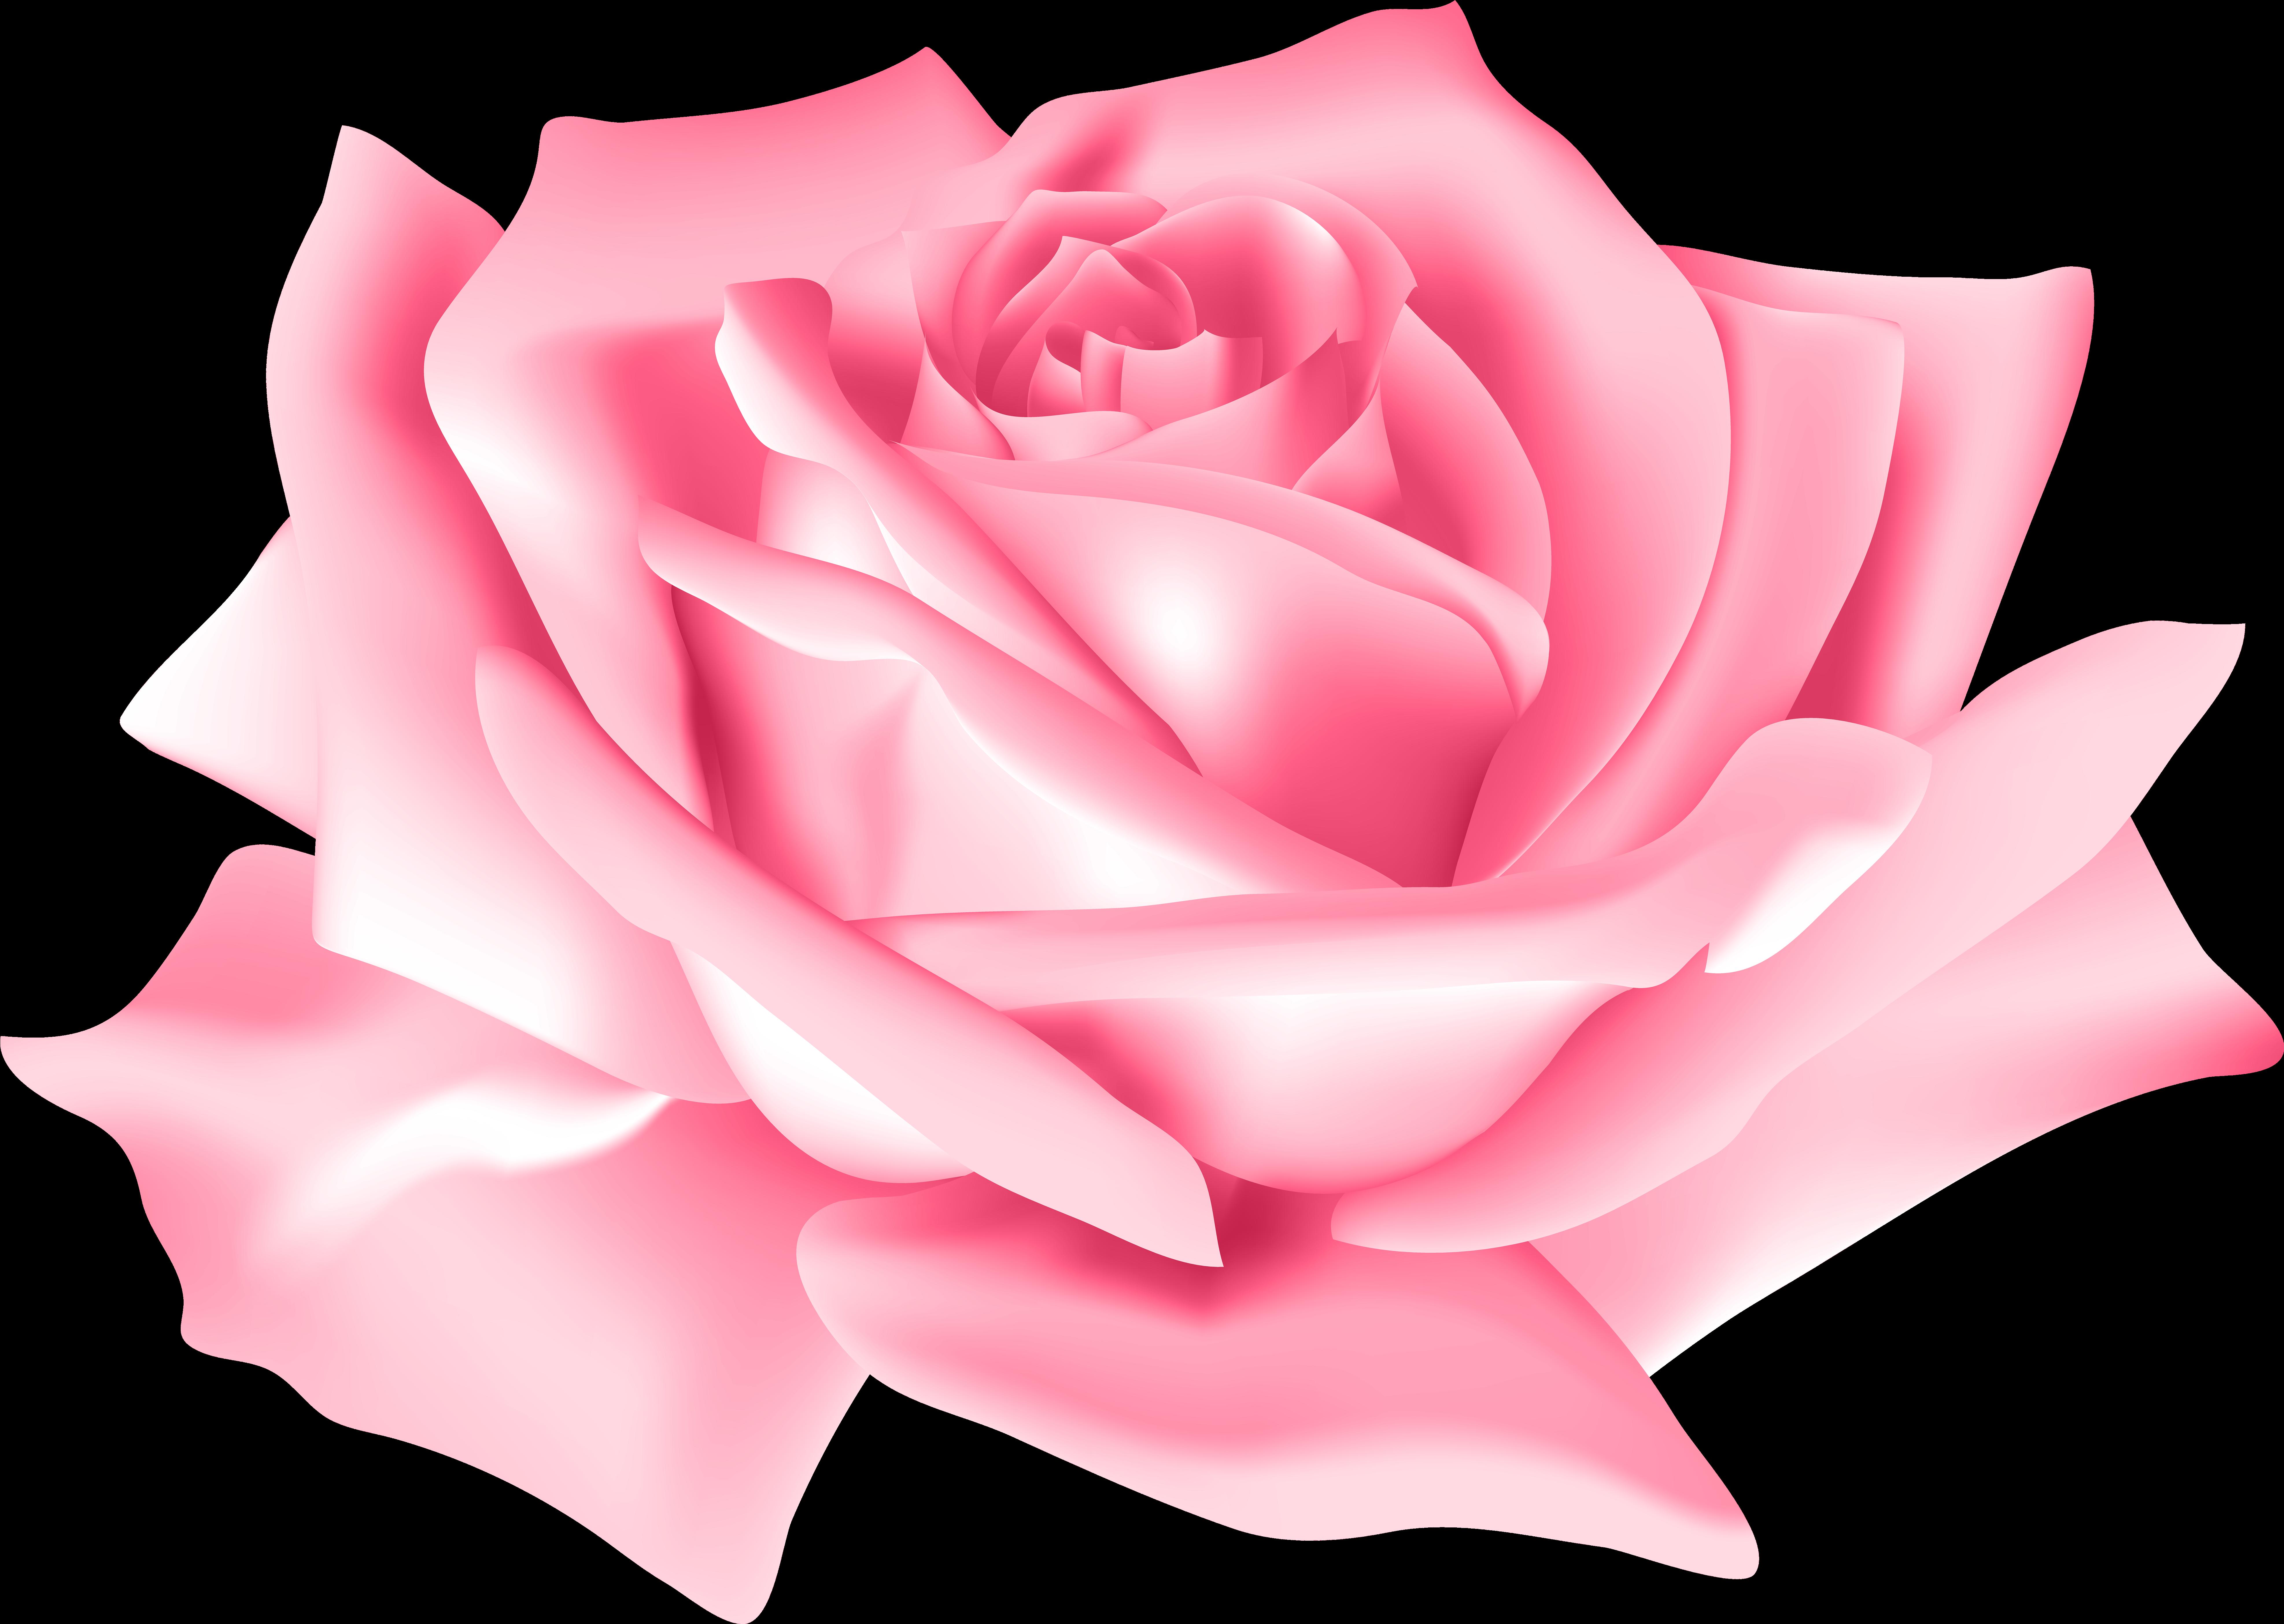 Pink Rose Flower Png Clip Art Image - Pink Rose Flower Png , Transparent Cartoon - Jing.fm